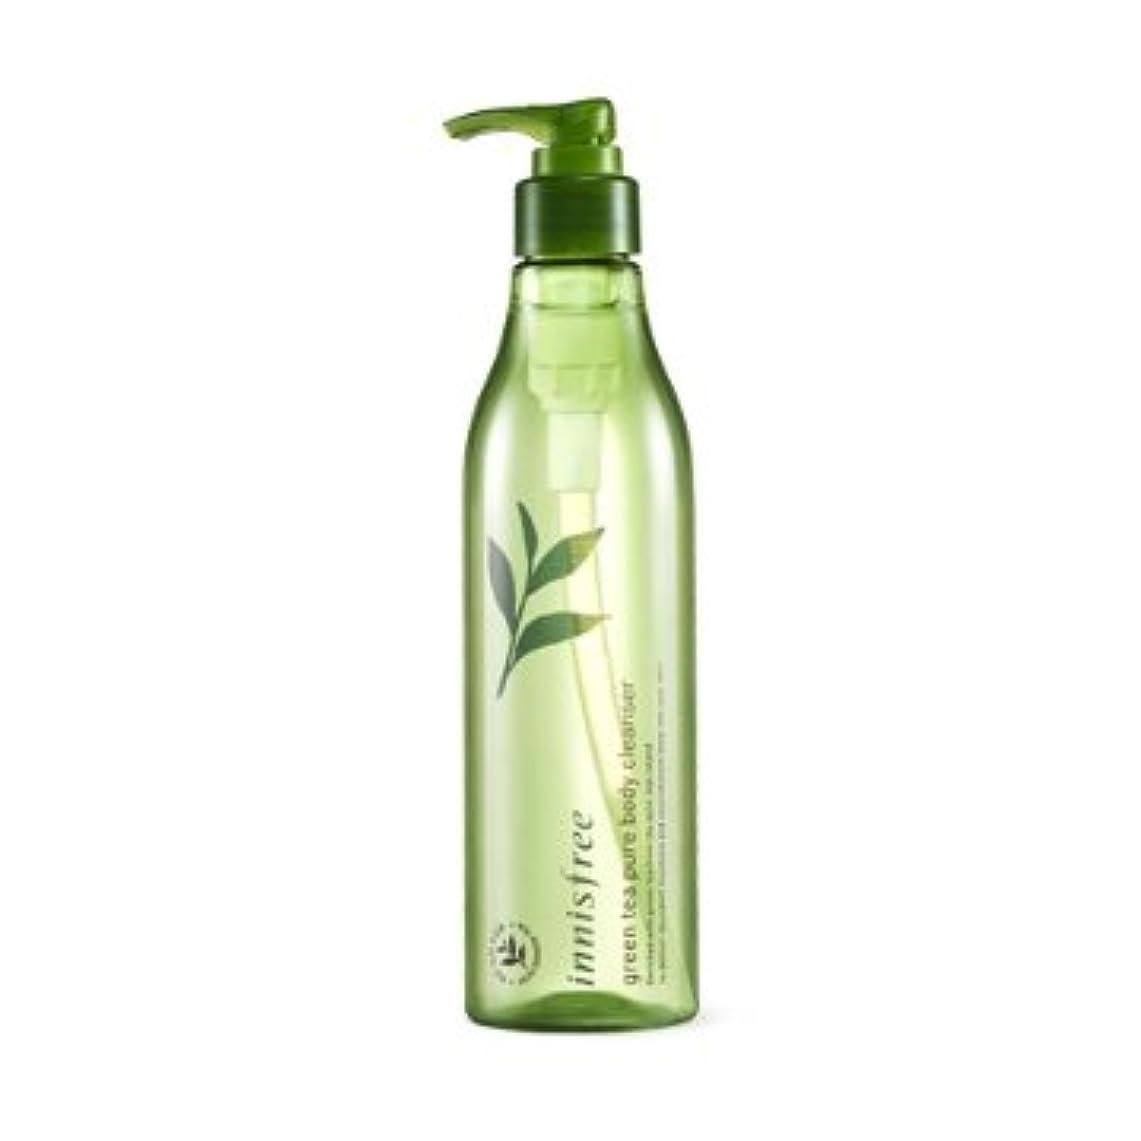 一般化する教授農業の【イニスフリー】Innisfree green tea pure body cleanser - 300ml (韓国直送品) (SHOPPINGINSTAGRAM)